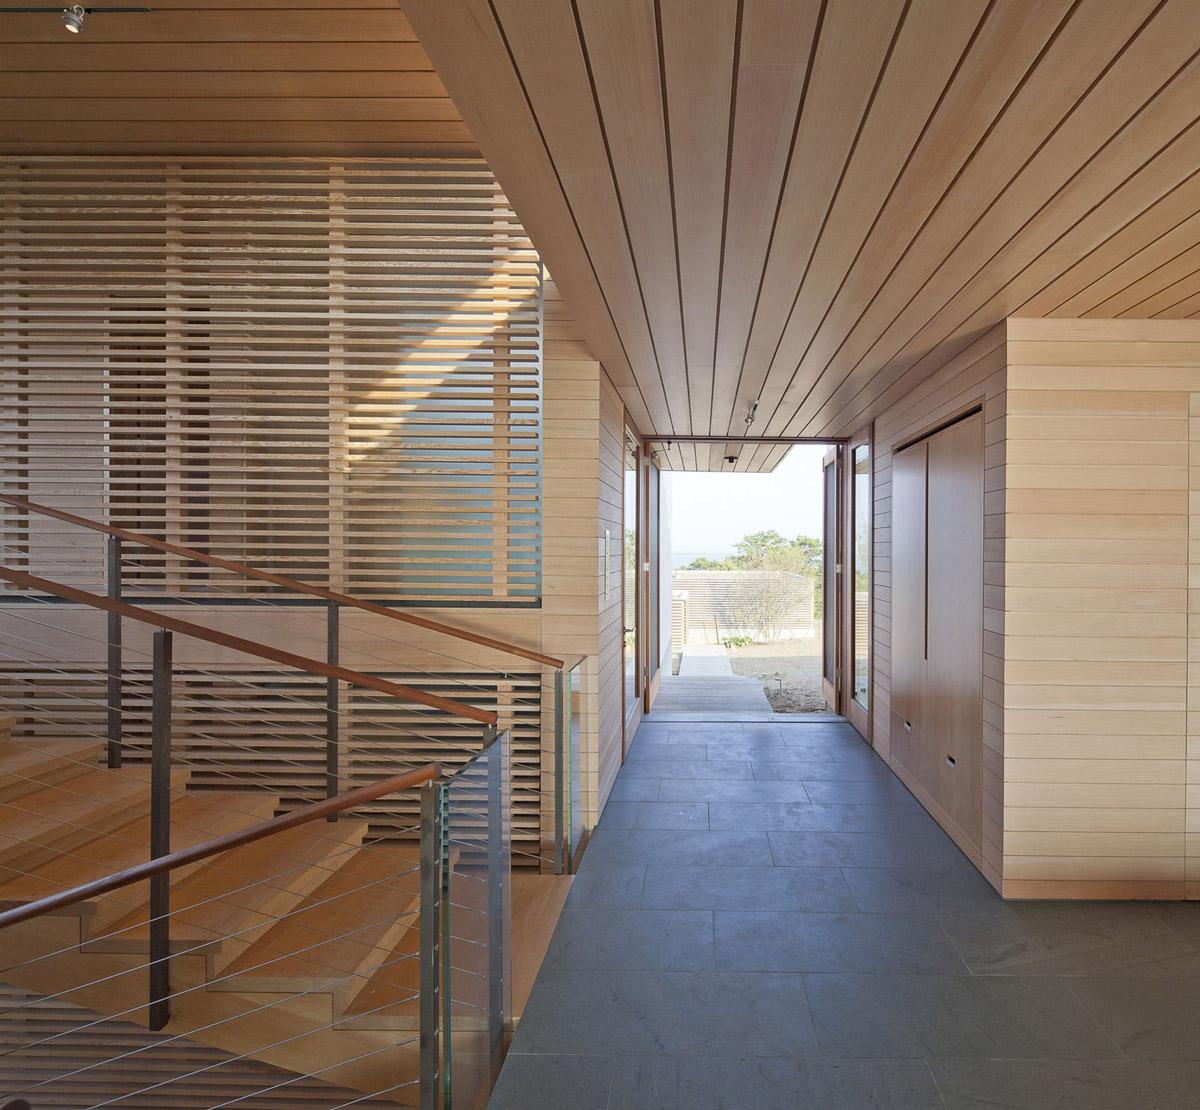 Entrance Hall, Home in Edgartown, Massachusetts